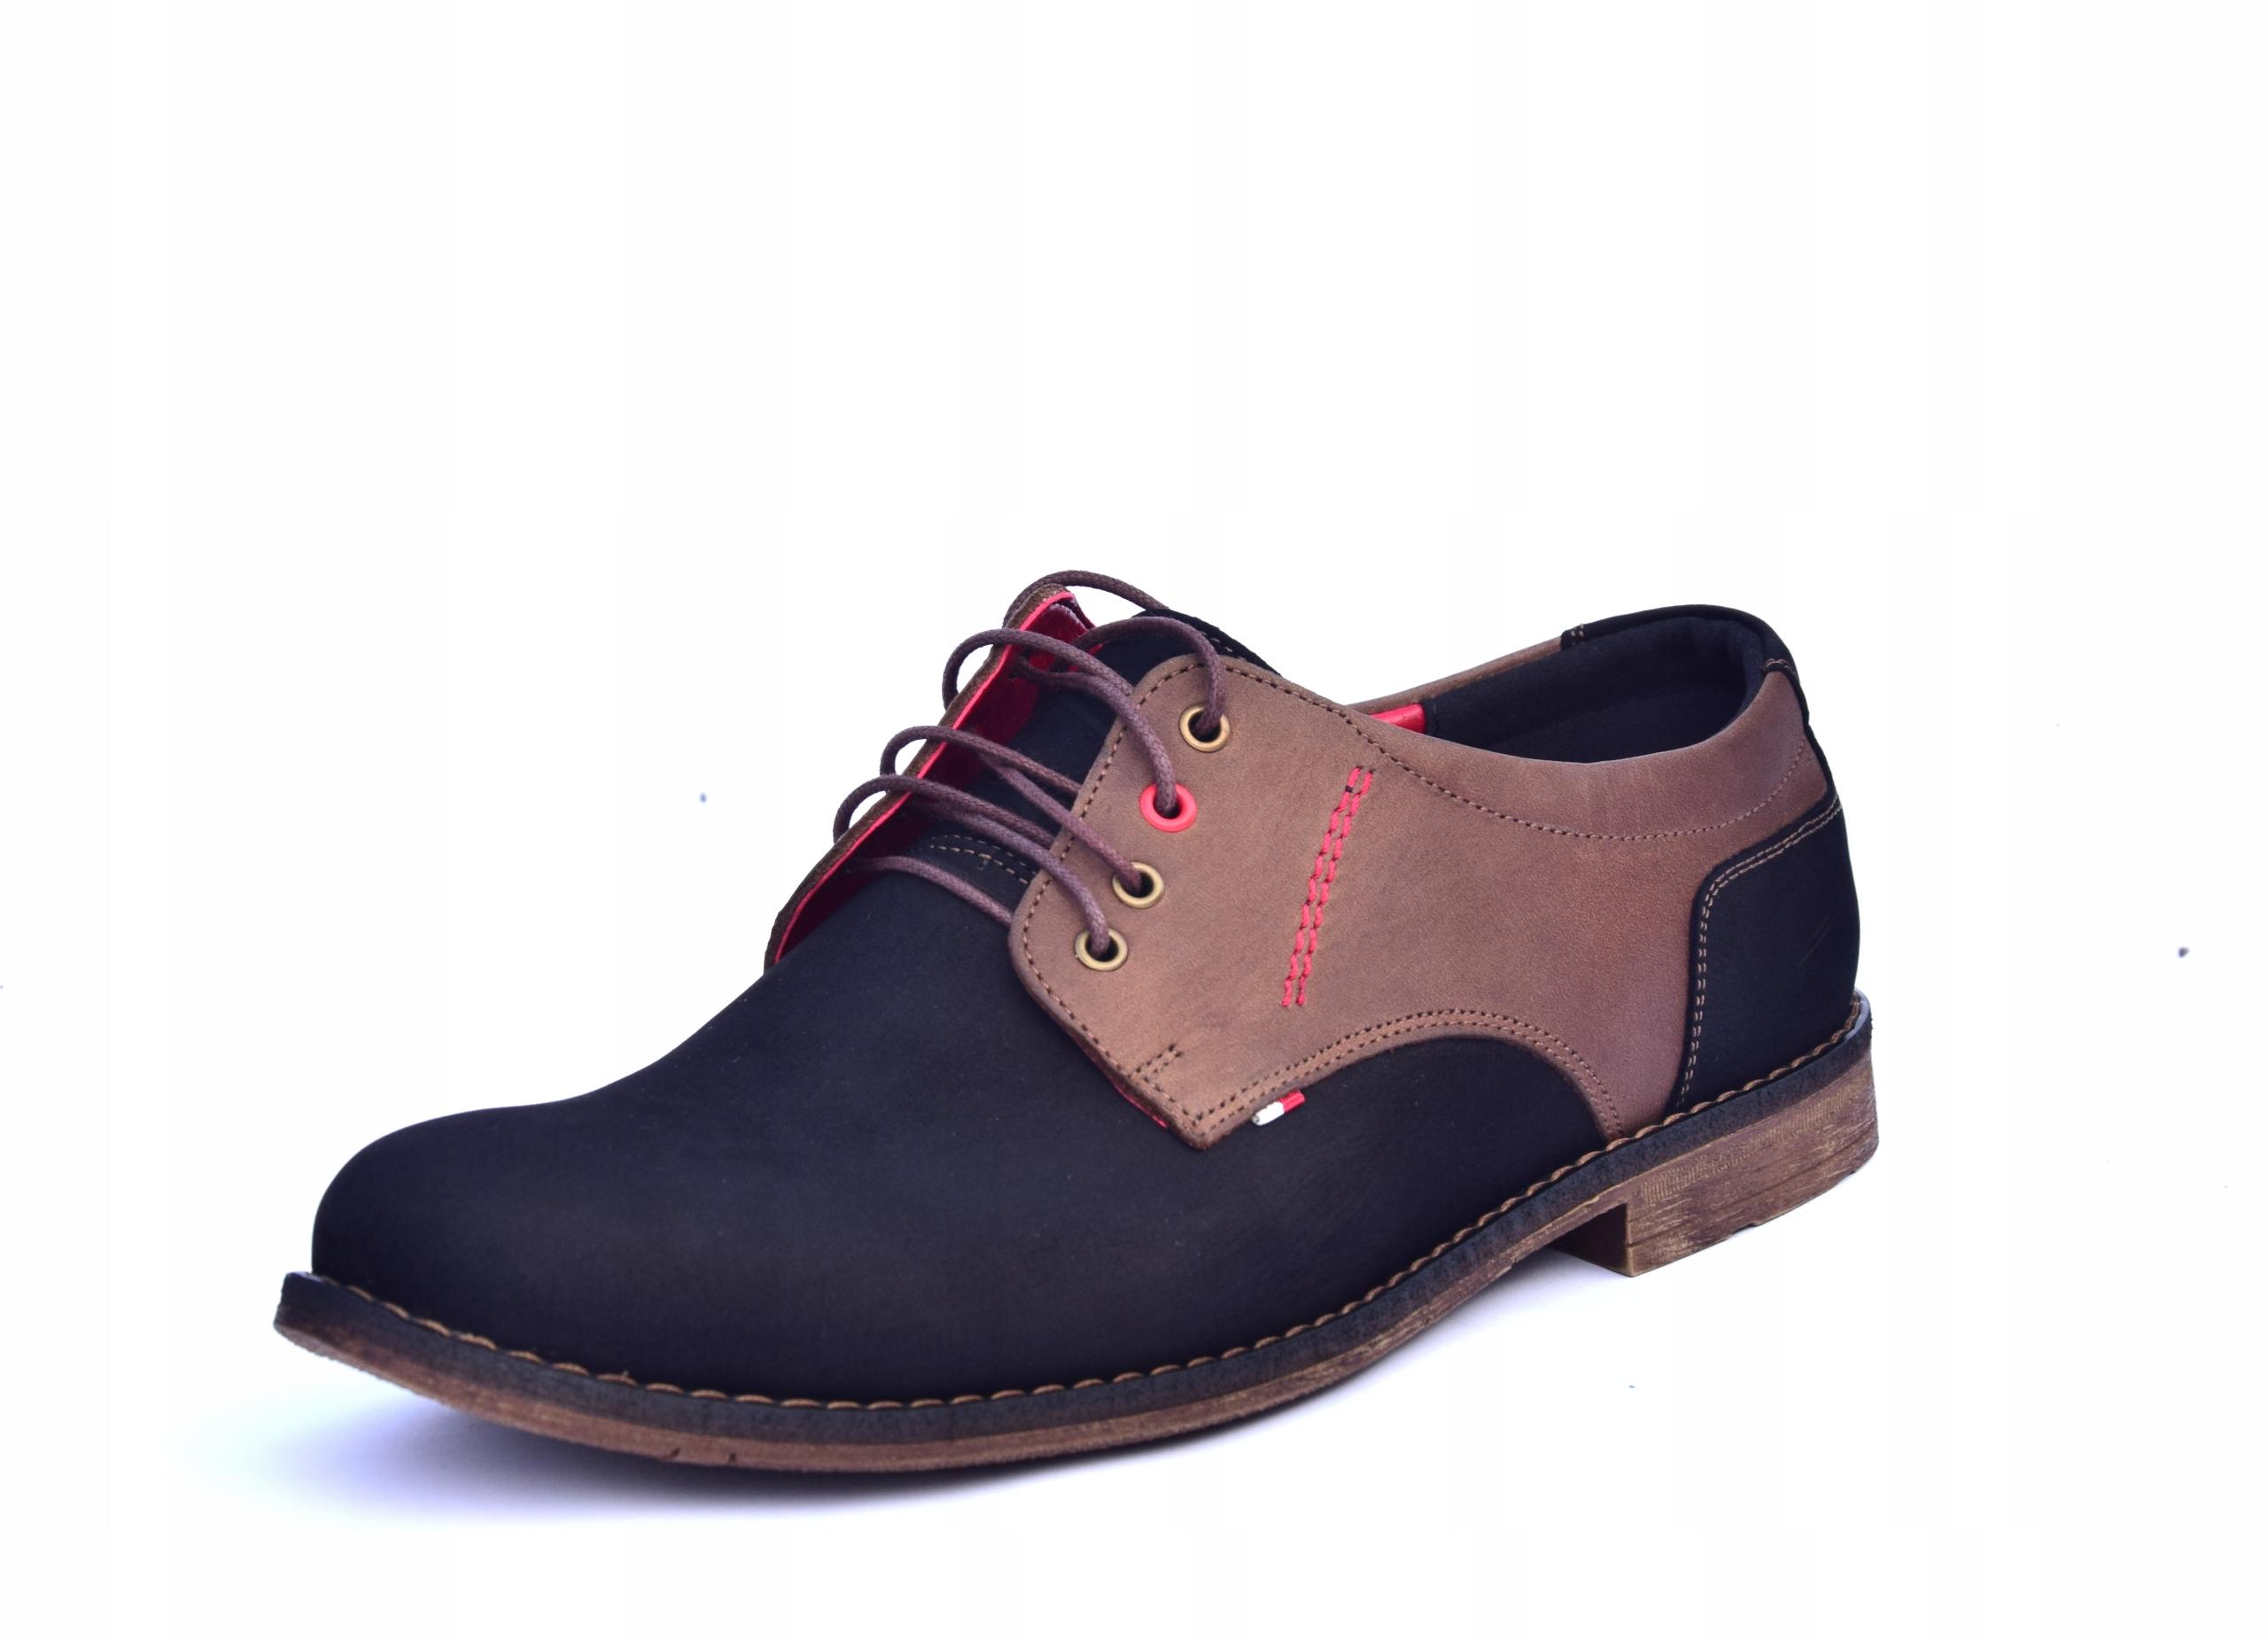 Buty skórzane męskie obuwie polskiej produkcji 258